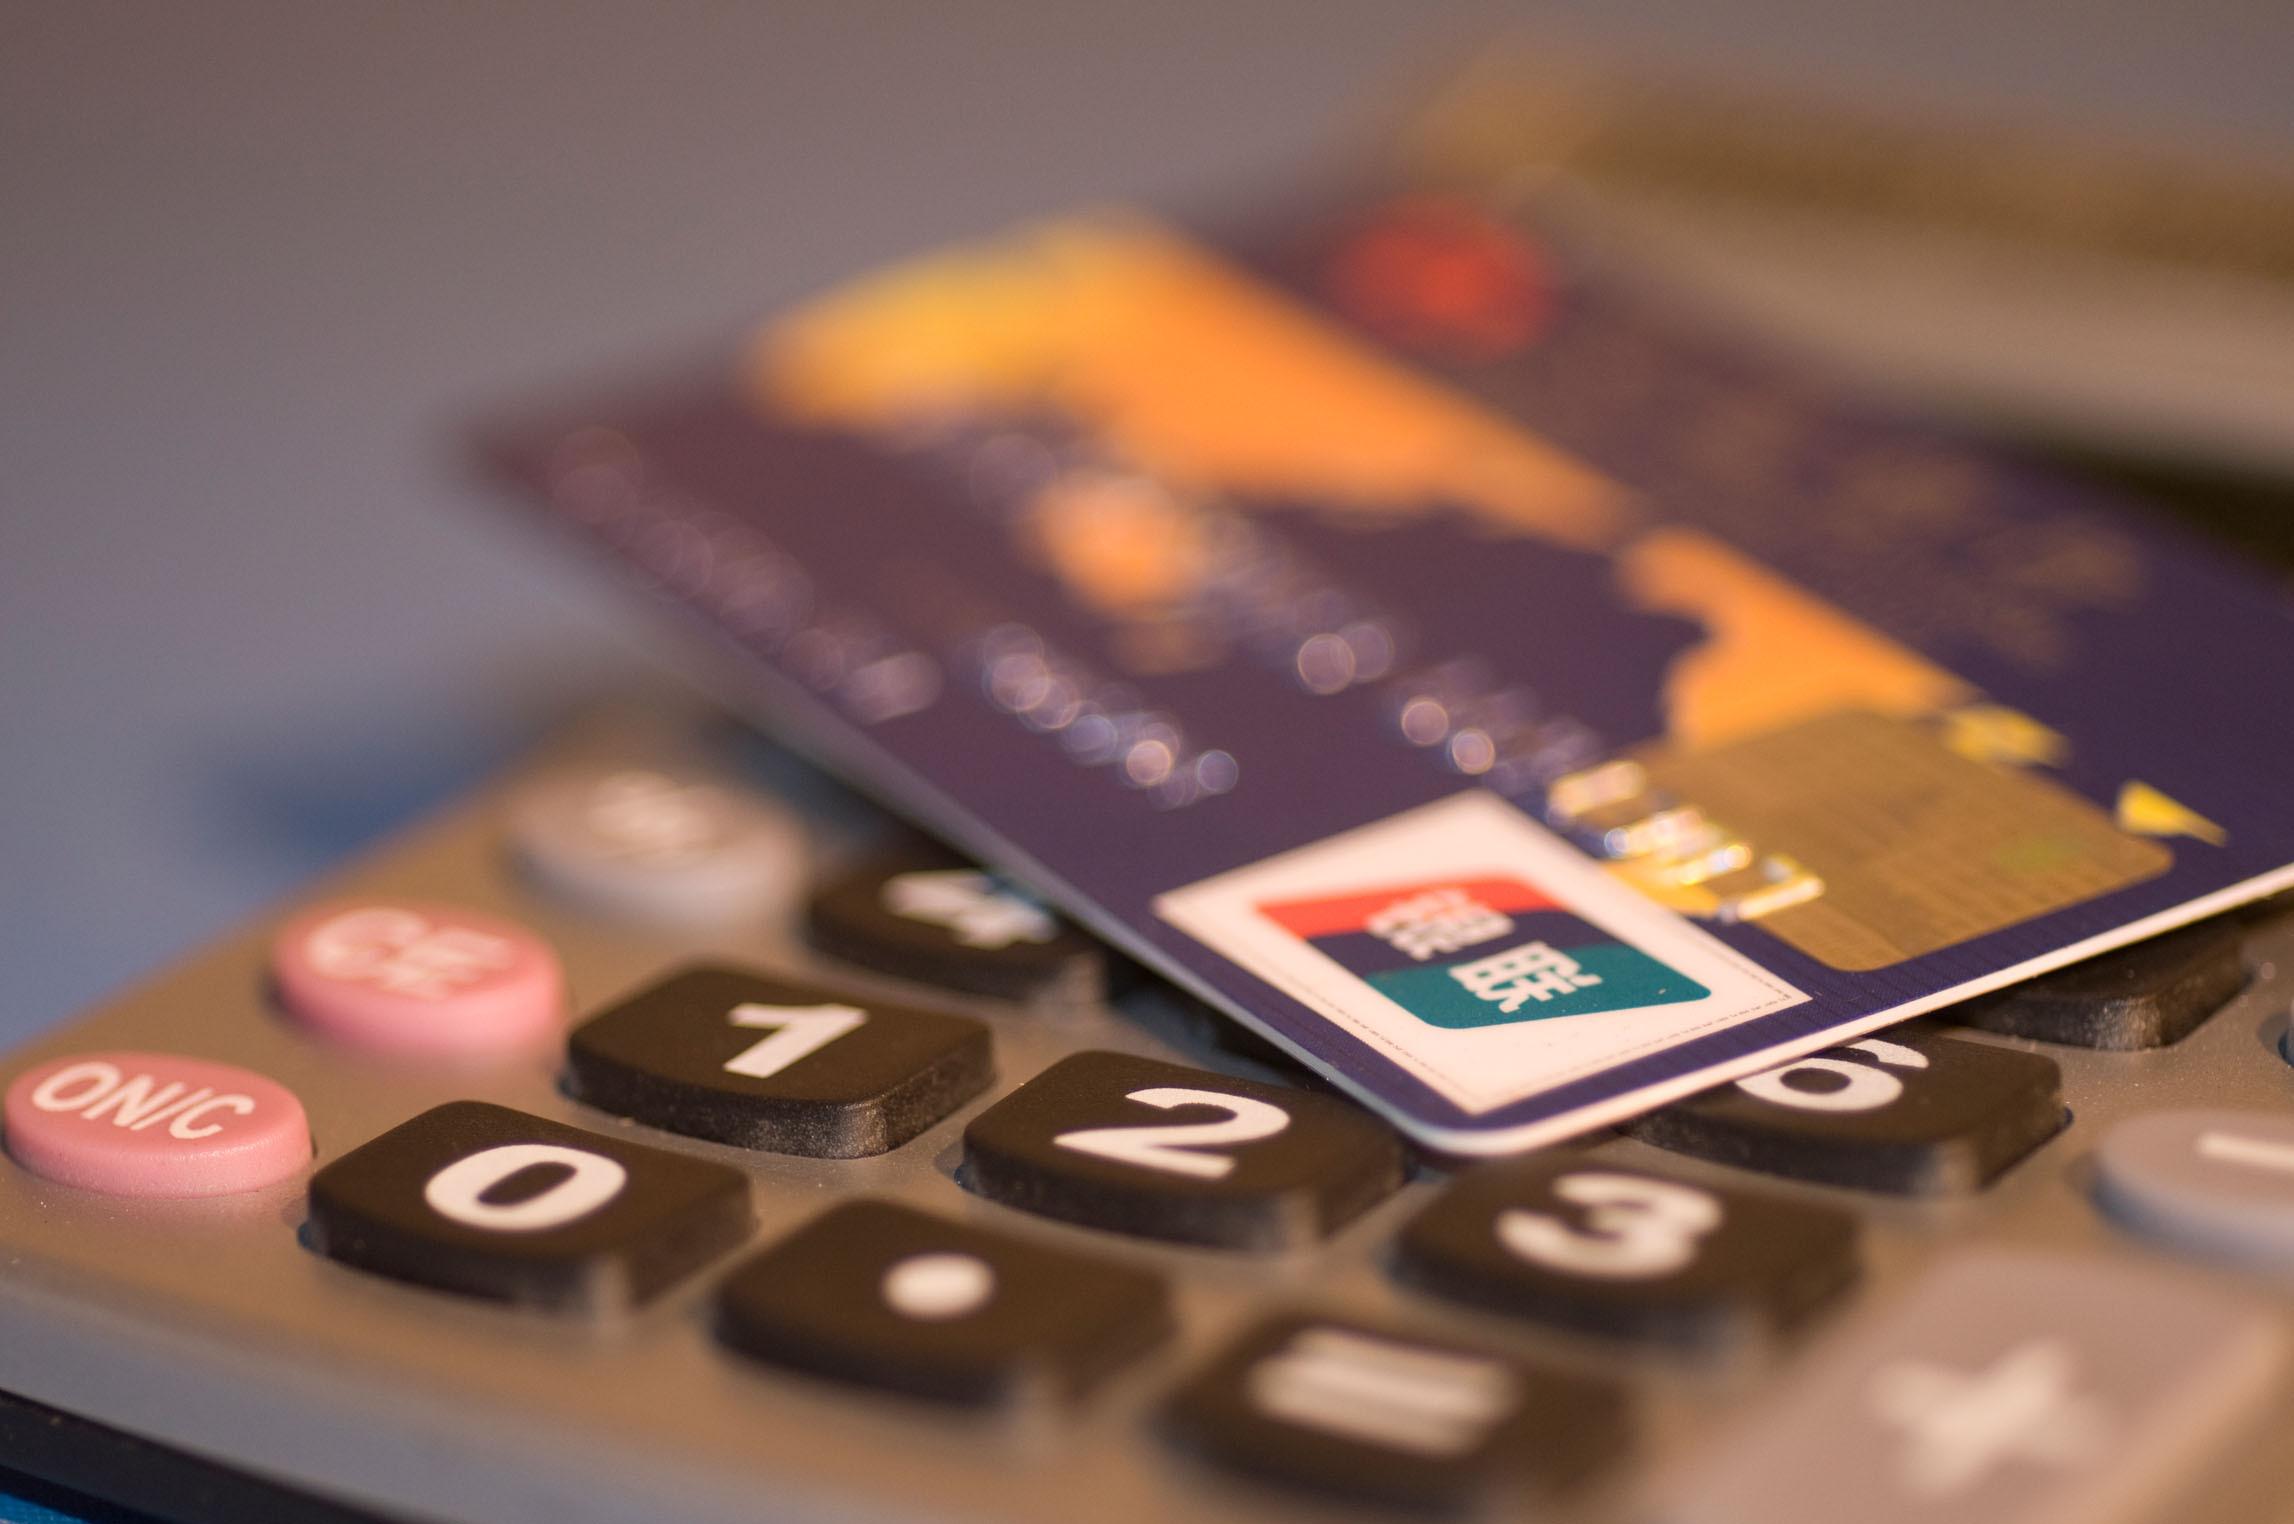 信用卡又要出新政策!这么大的坑谁会跳?